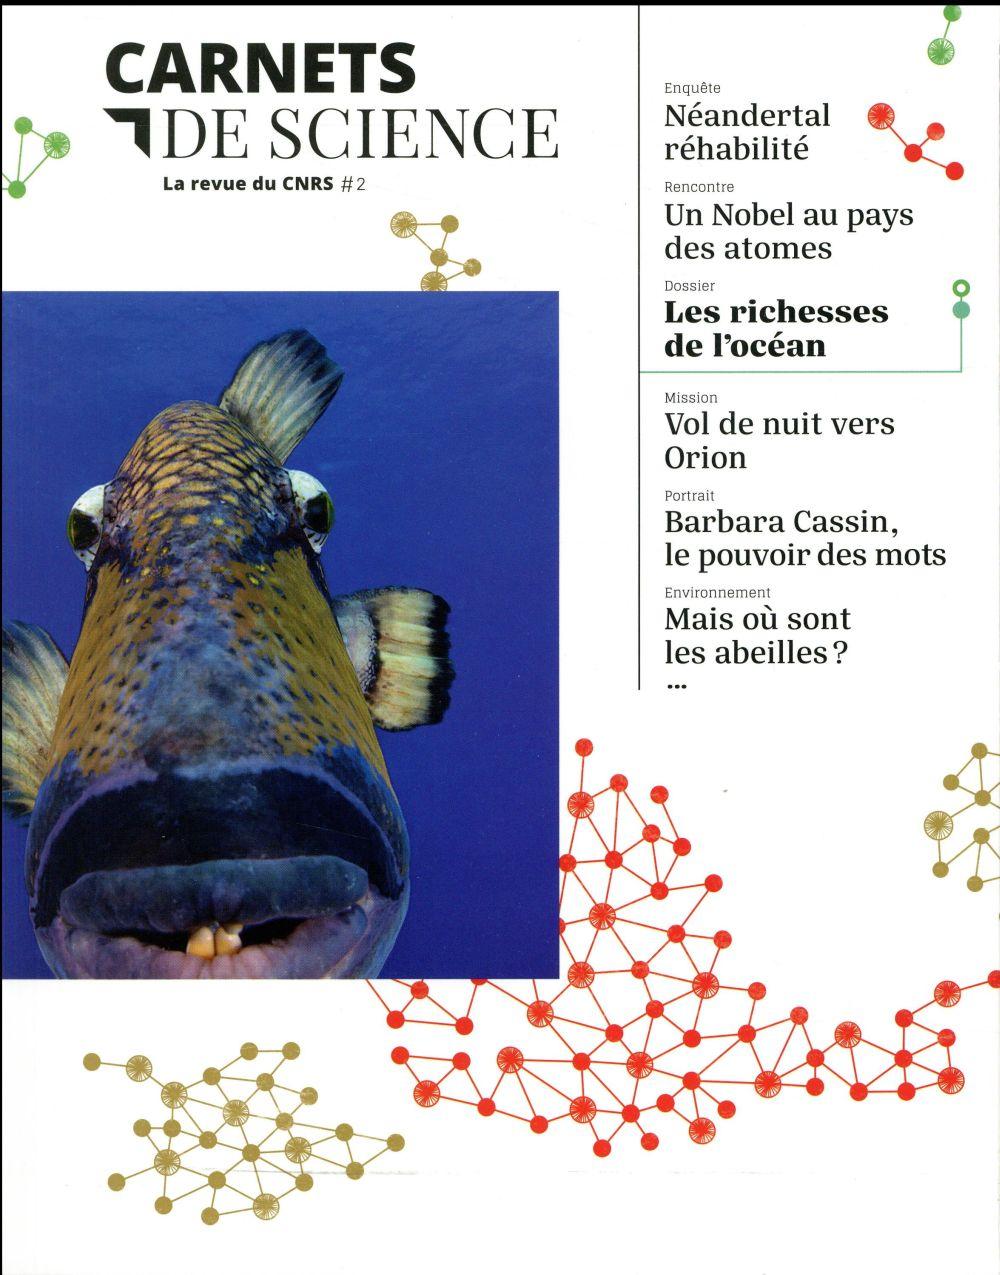 Carnets de science ; la revue du cnrs n.2